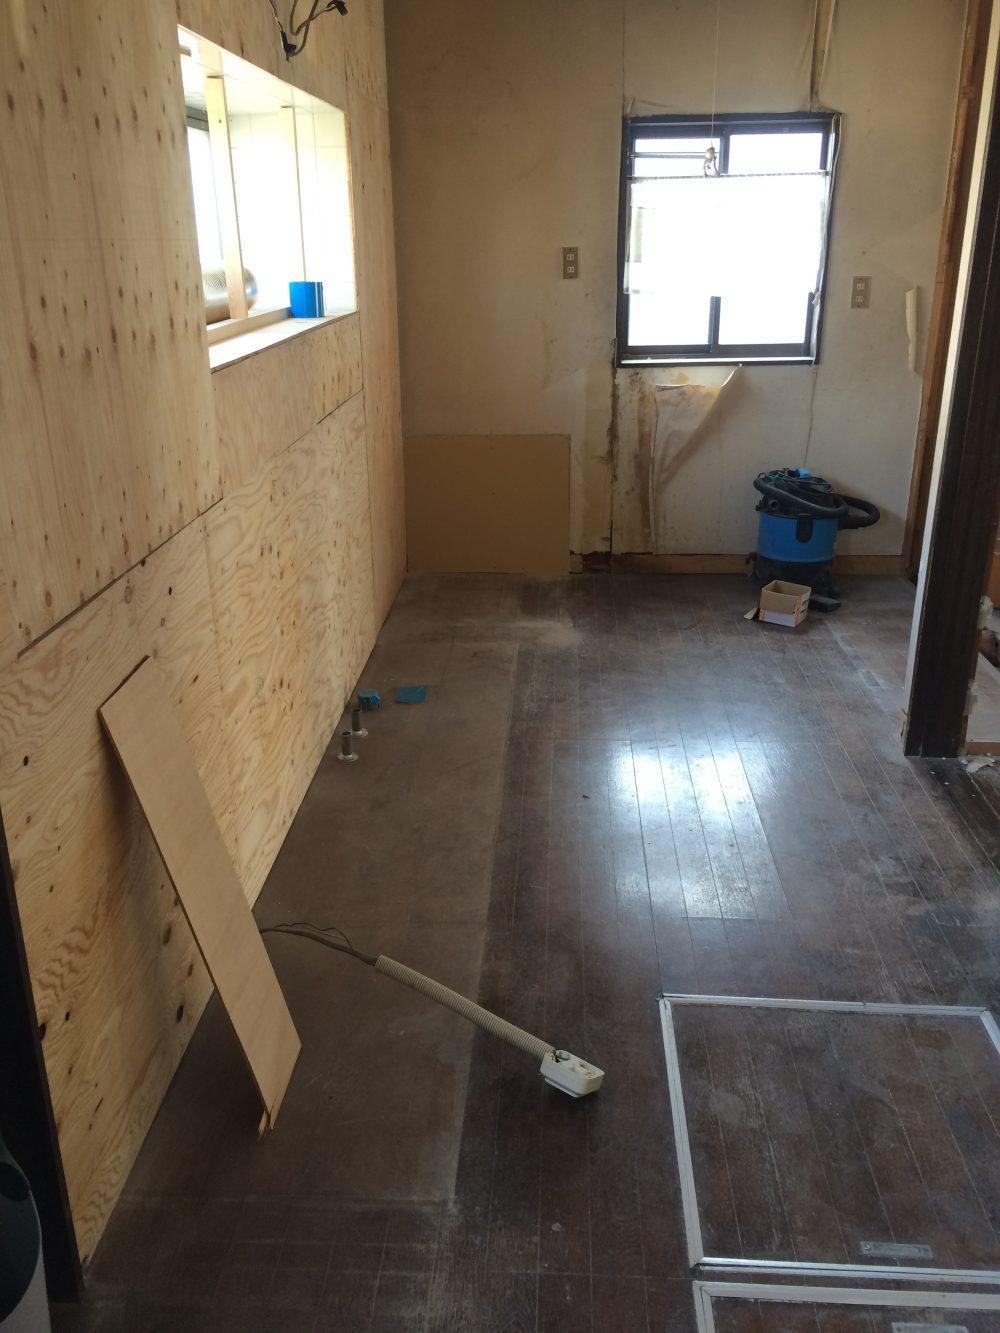 高崎市福島町 内部改修工事 中間検査に行ってきました。 – ミヤケンリフォーム